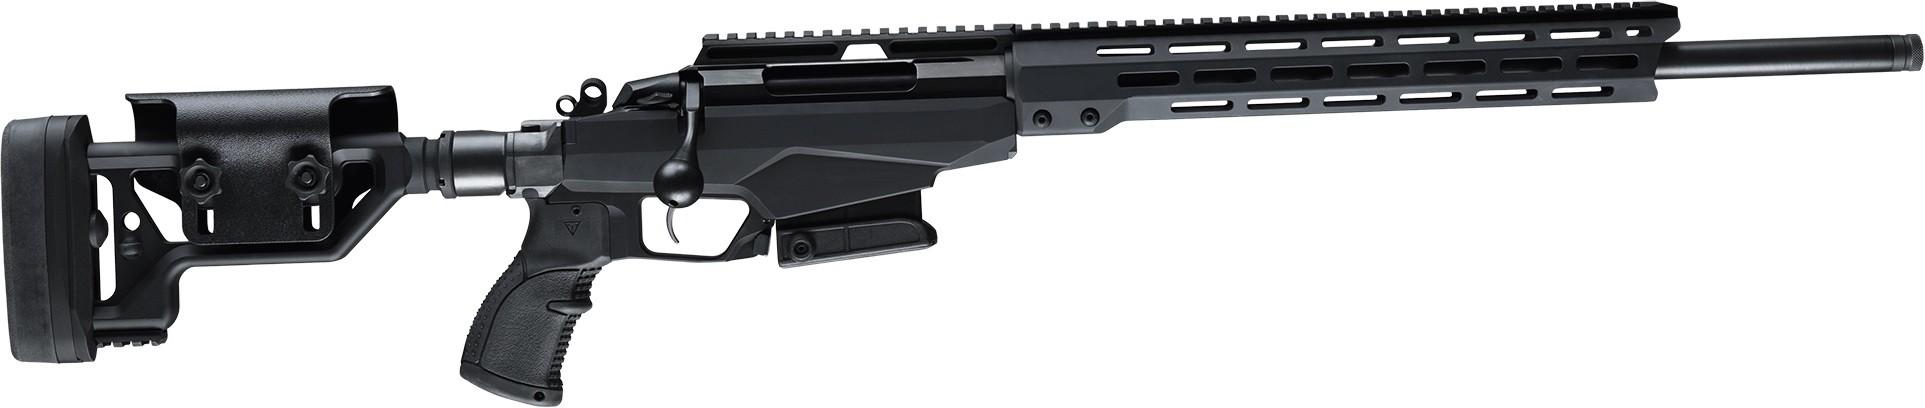 Tikka T3x TAC A1 Kulgevär